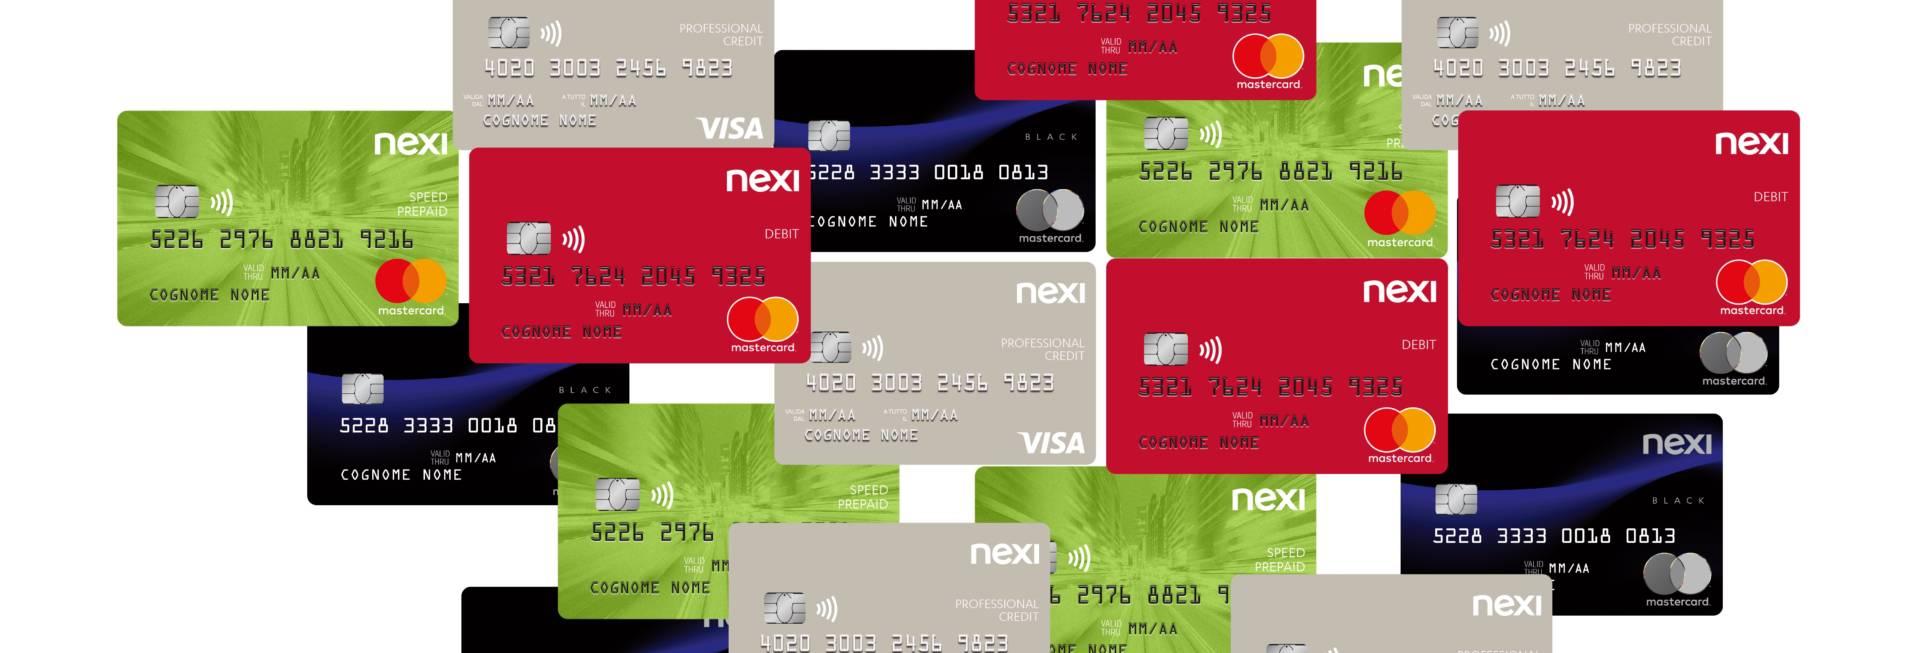 Attacco Hacker: Nexi blocca le carte di credito